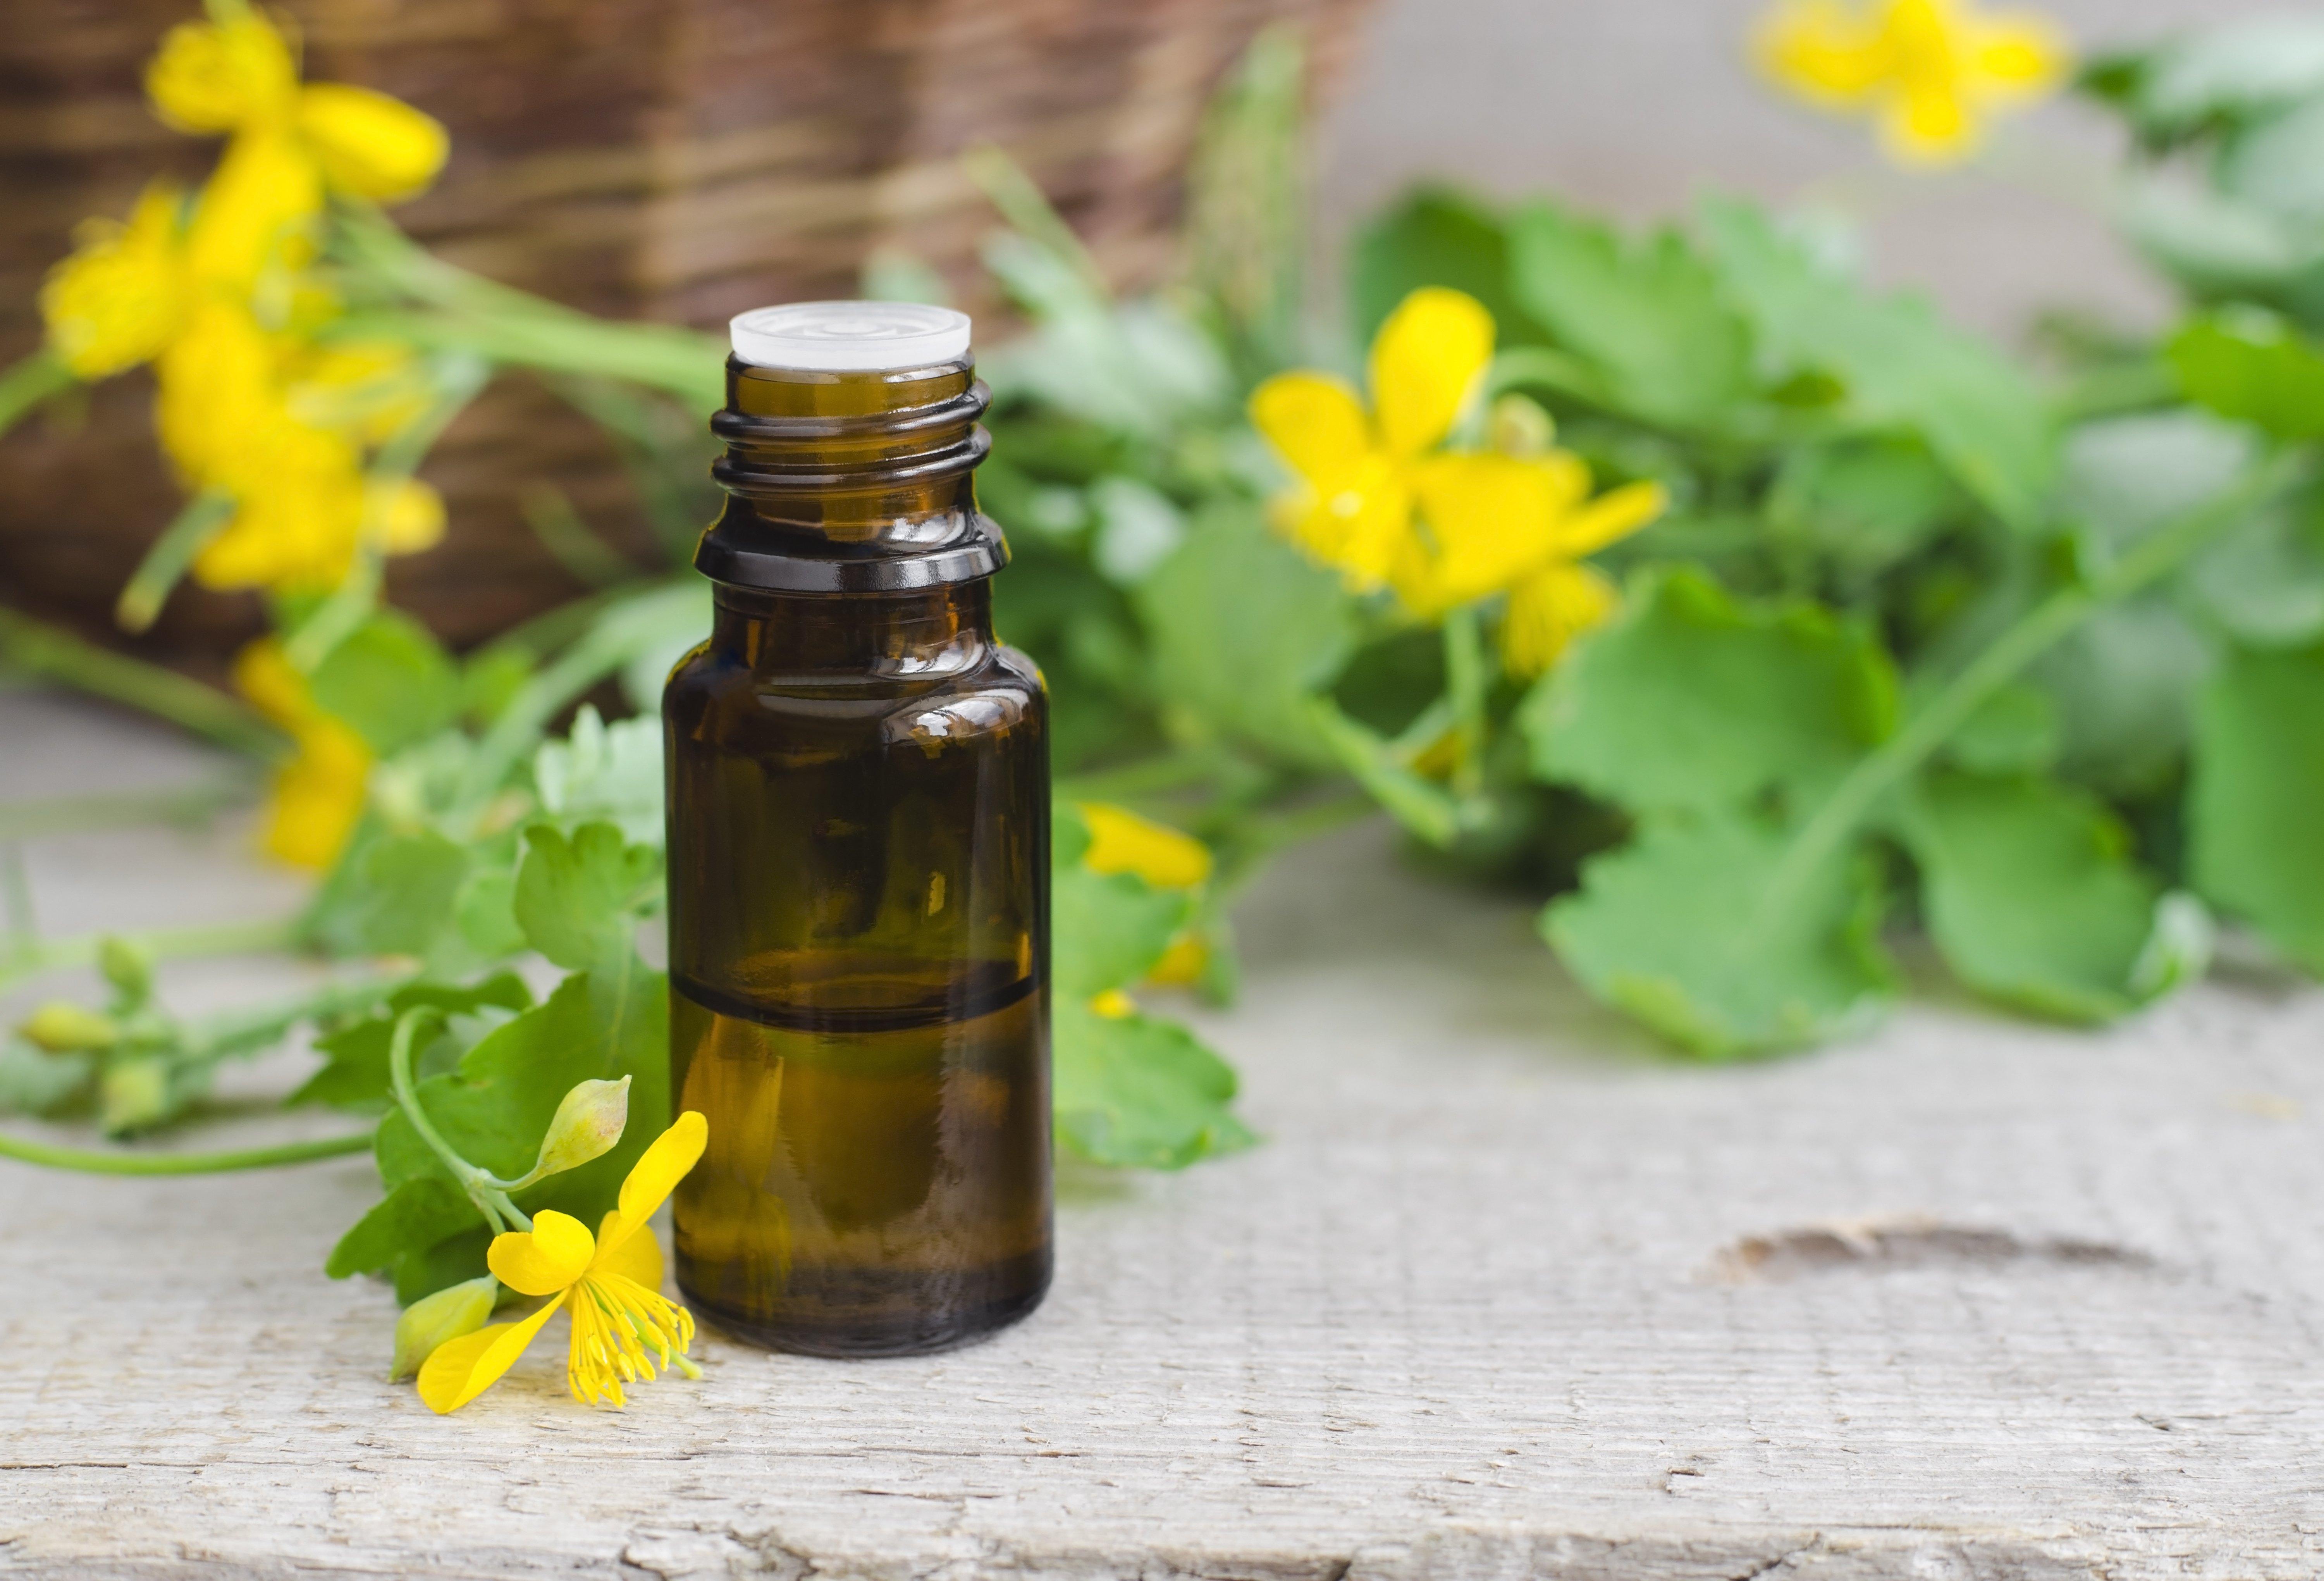 Papillomavirus traitement huile essentielle. APPEL À LA RAISON